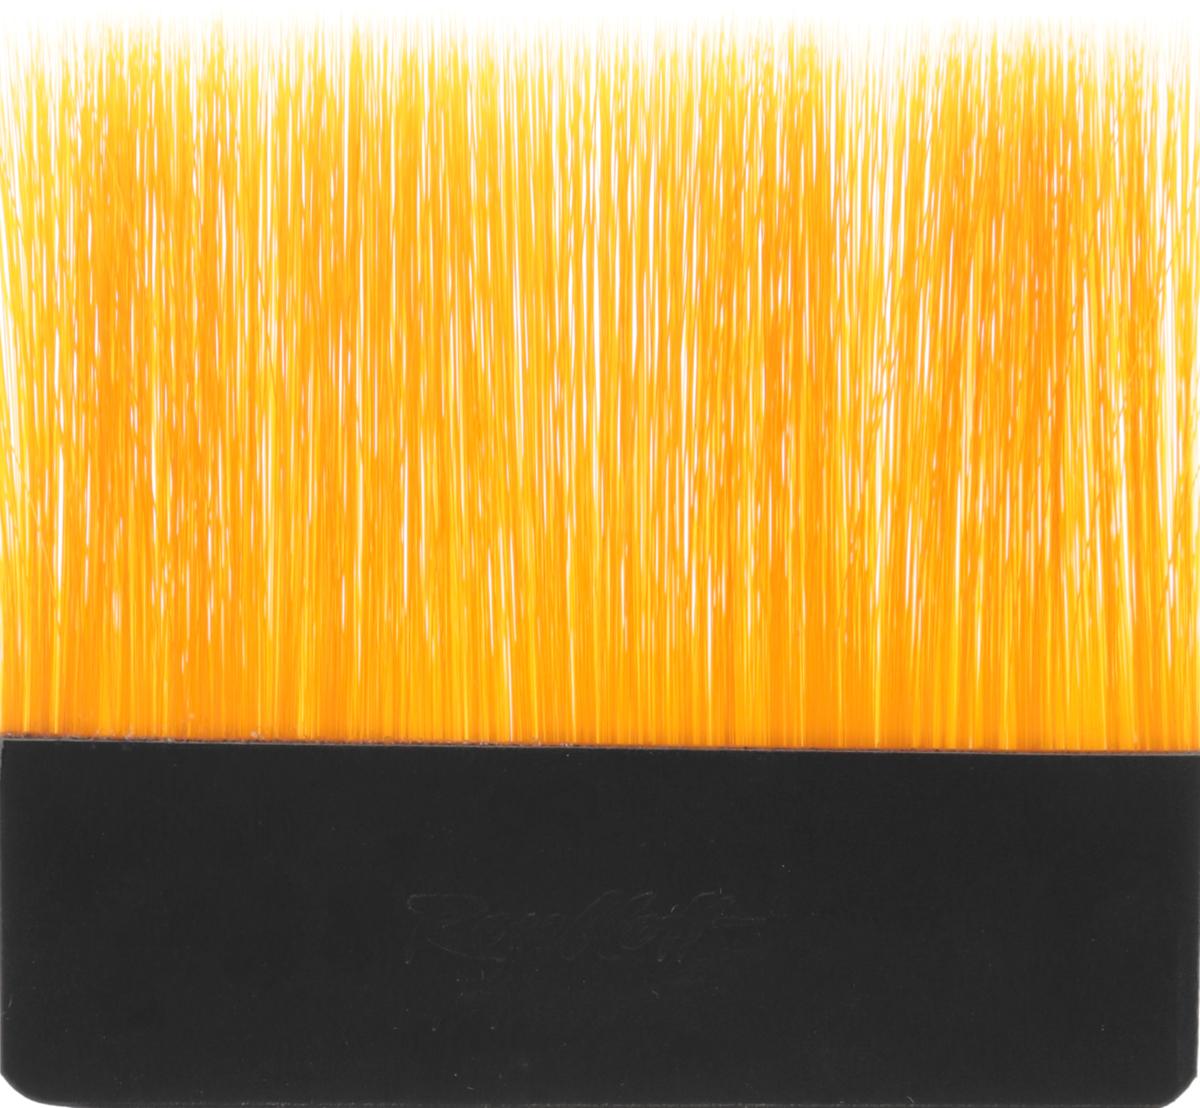 Roubloff Кисть для работы с золотом синтетика № 100ЖСЛ-100ШЛампезель - плоская кисть без ручки для работы с сусальным золотом и/или поталью.